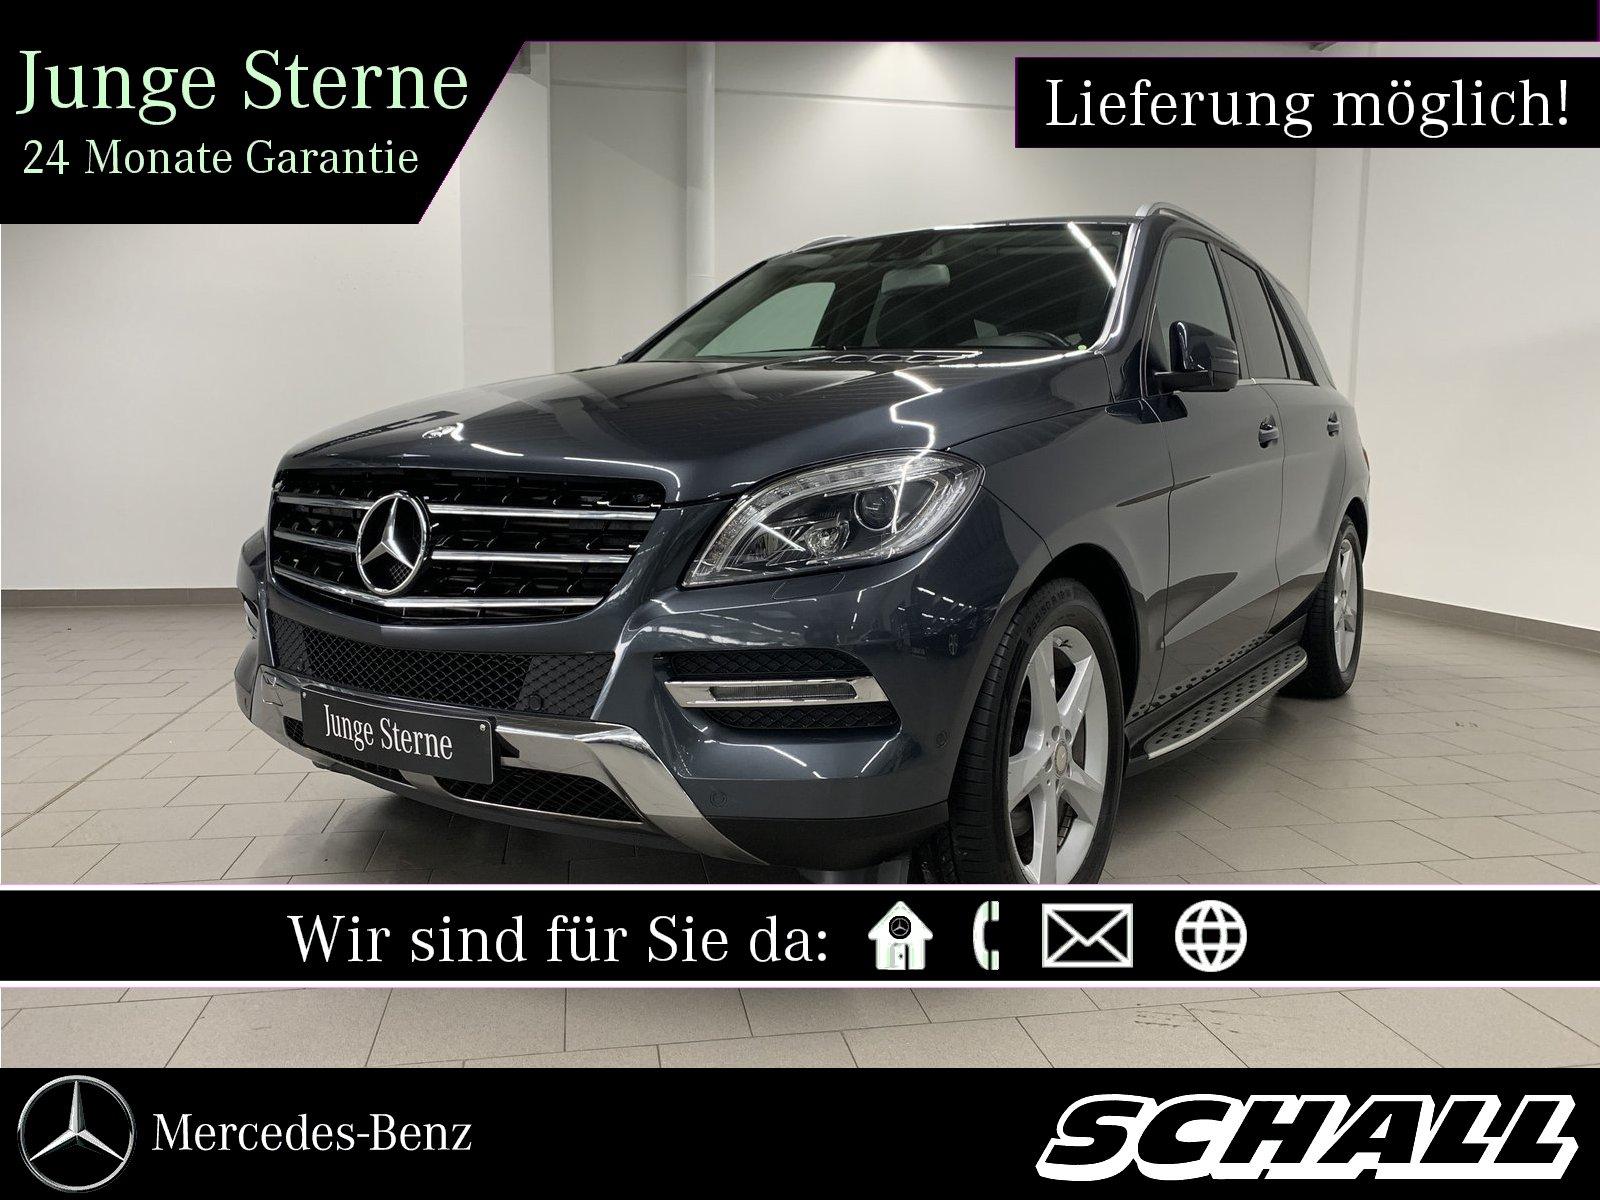 Mercedes-Benz ML 350 BT 4M AIRMATIC+HARMAN-KARDON+ILS+KEYLESS, Jahr 2015, Diesel